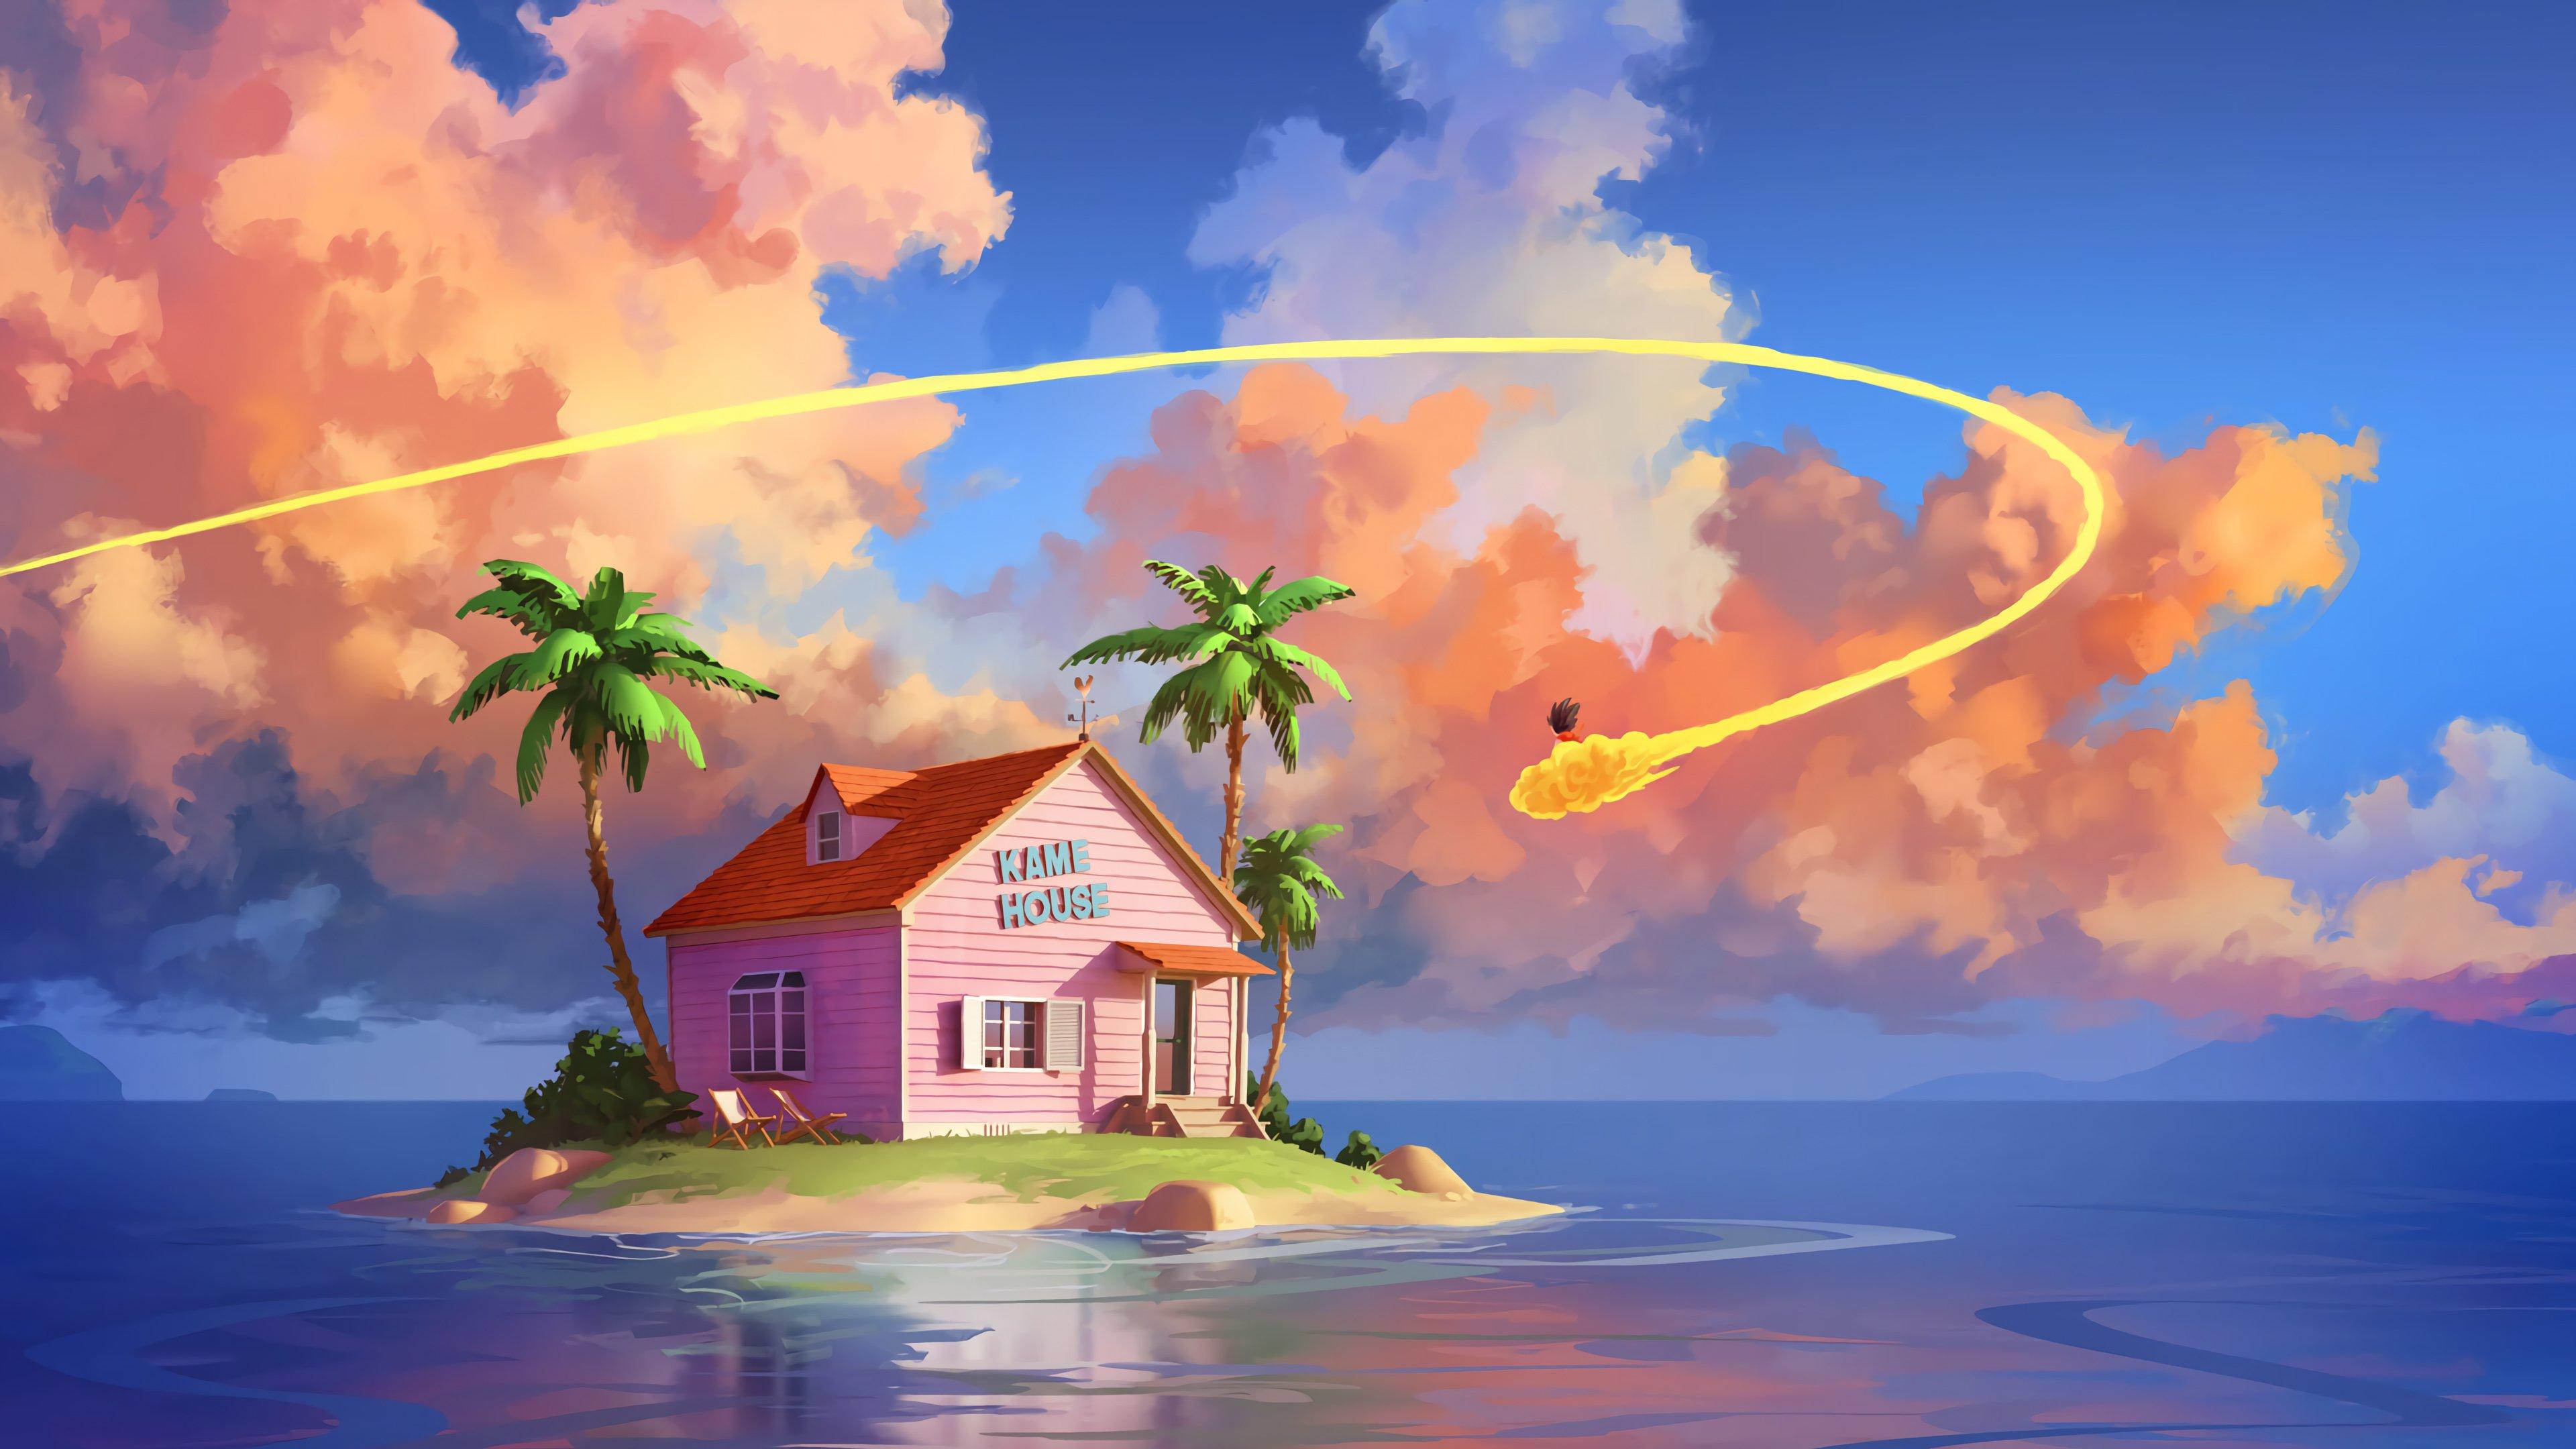 Fondos de pantalla Anime Casa Kame de Dragon Ball